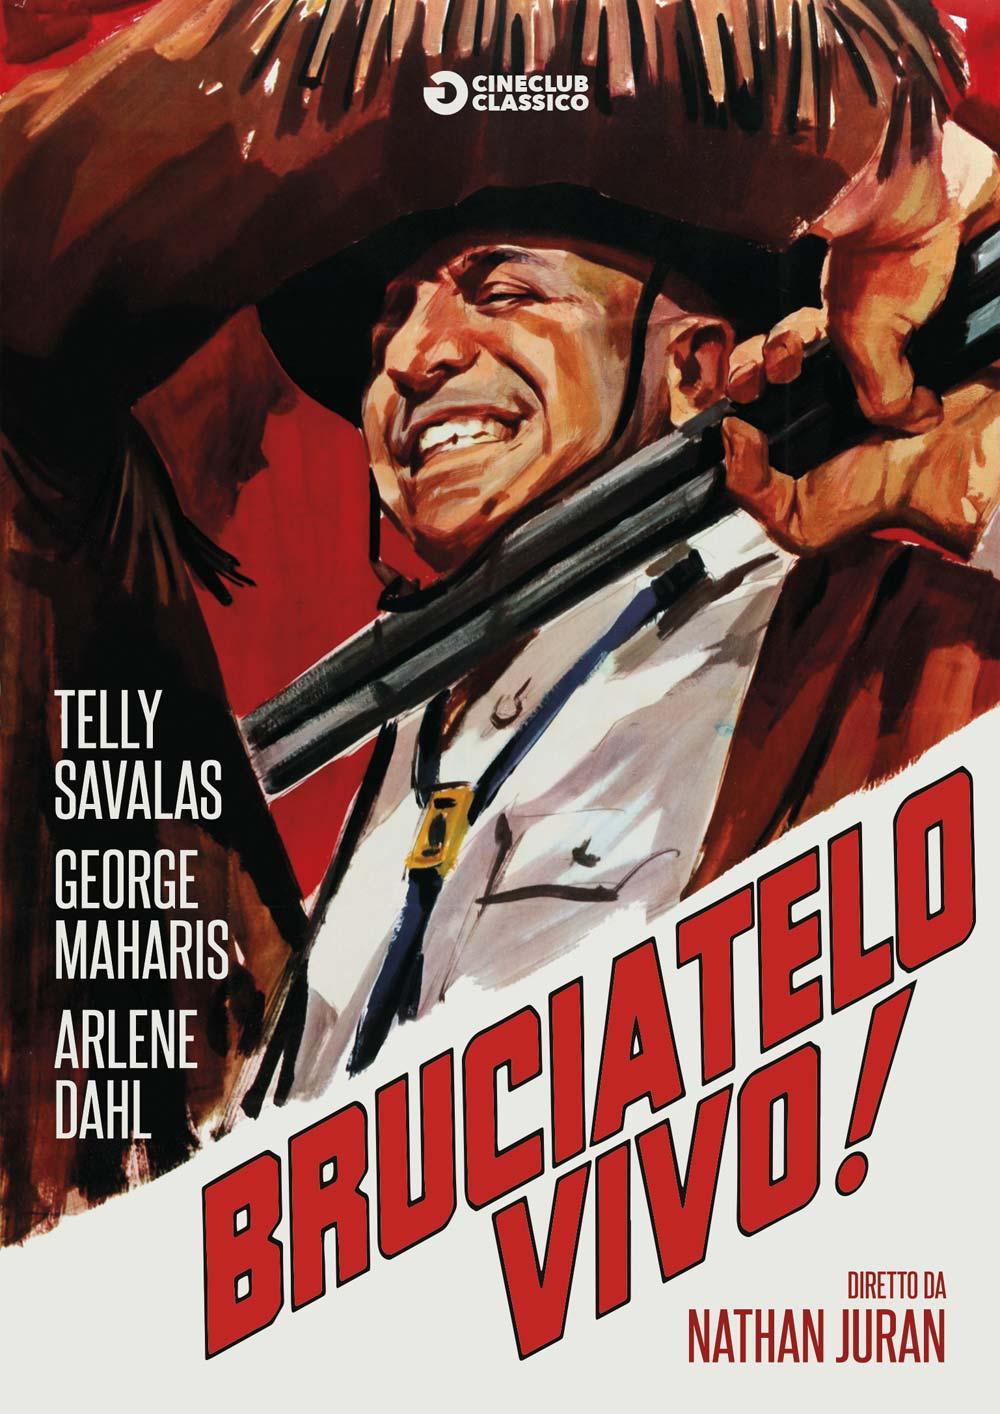 BRUCIATELO VIVO (DVD)